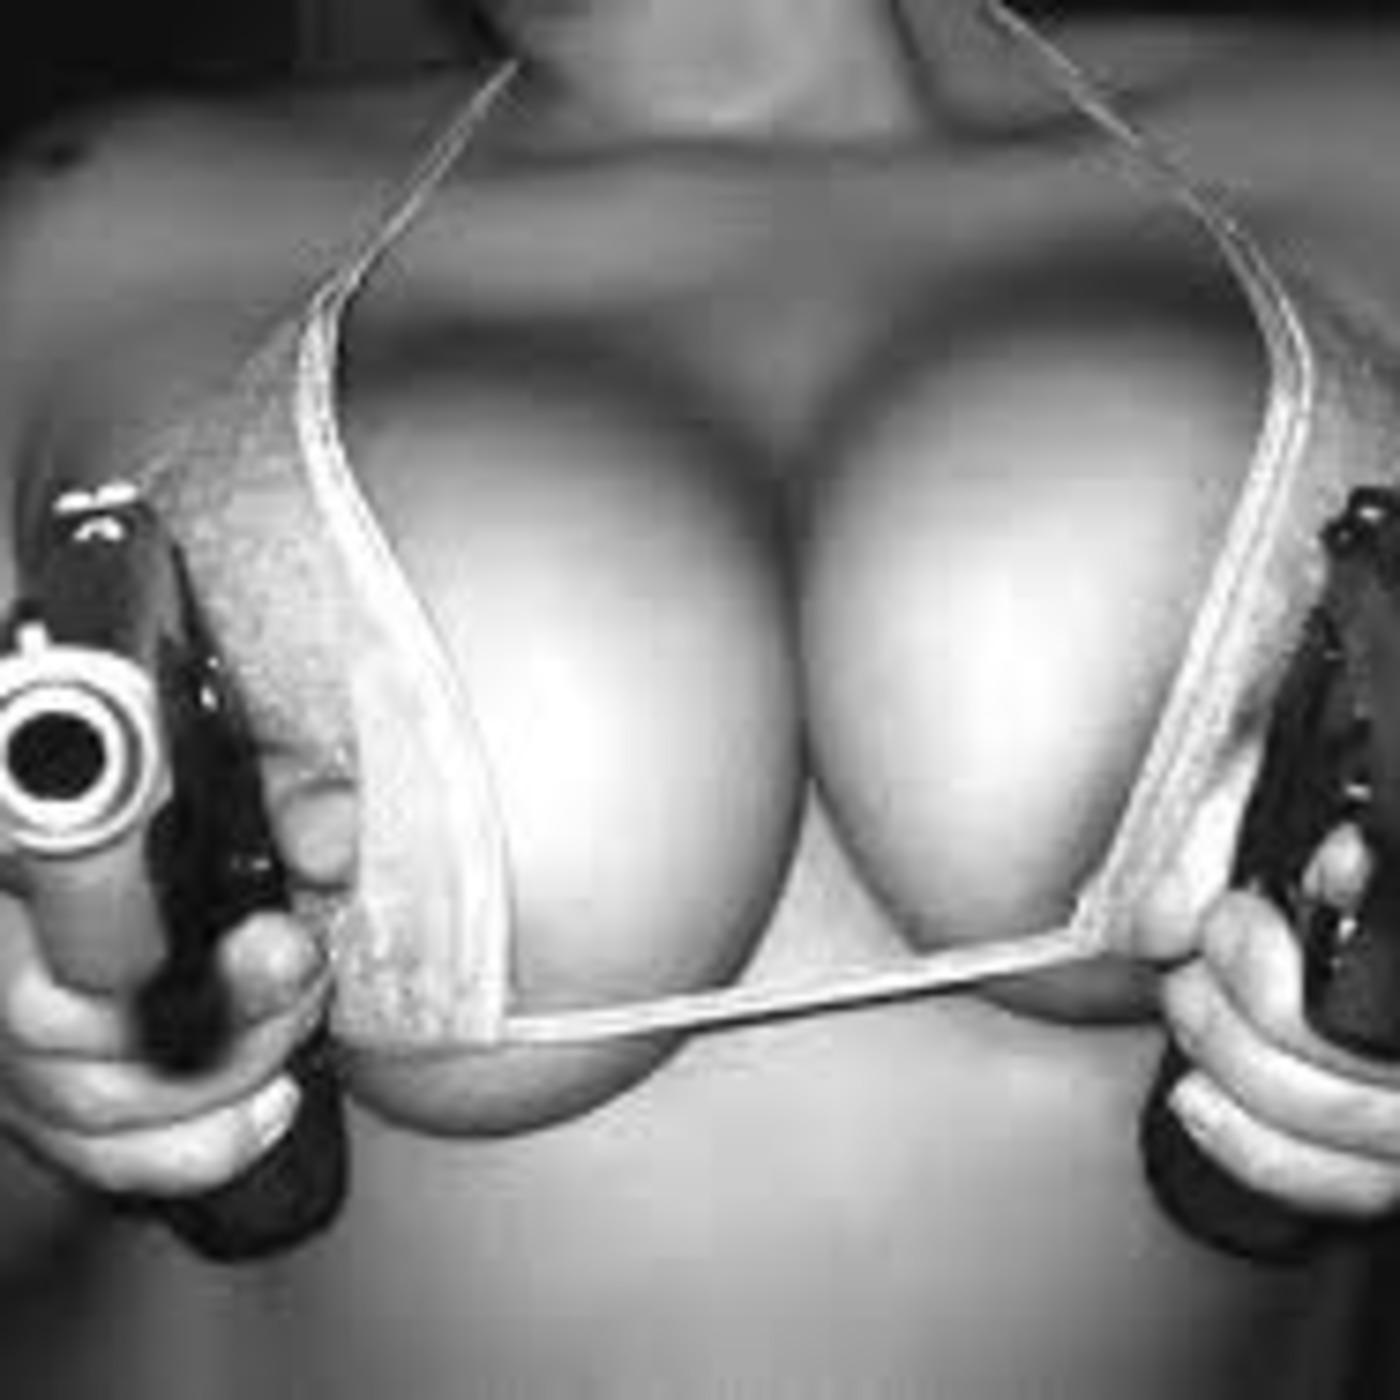 Эротика онлайн смотреть онлайн top guns лучшие стрелки 15 фотография